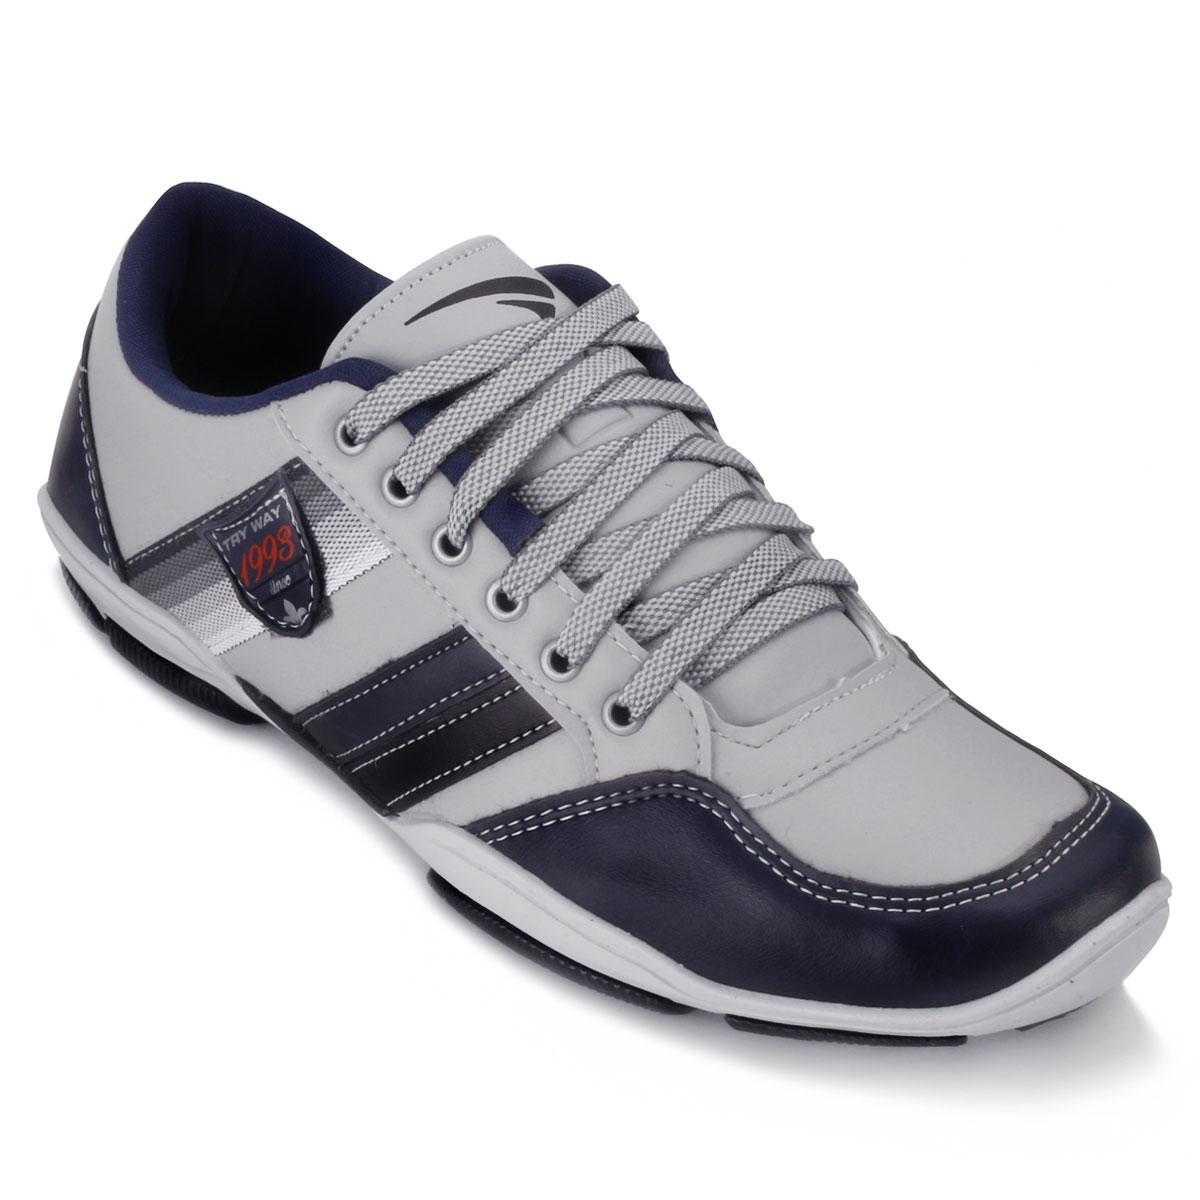 5db53c50d Sapatênis Try Way Masculino BK726 Gelo-Marinho TAM 44 ao 48 | Alex Shoes